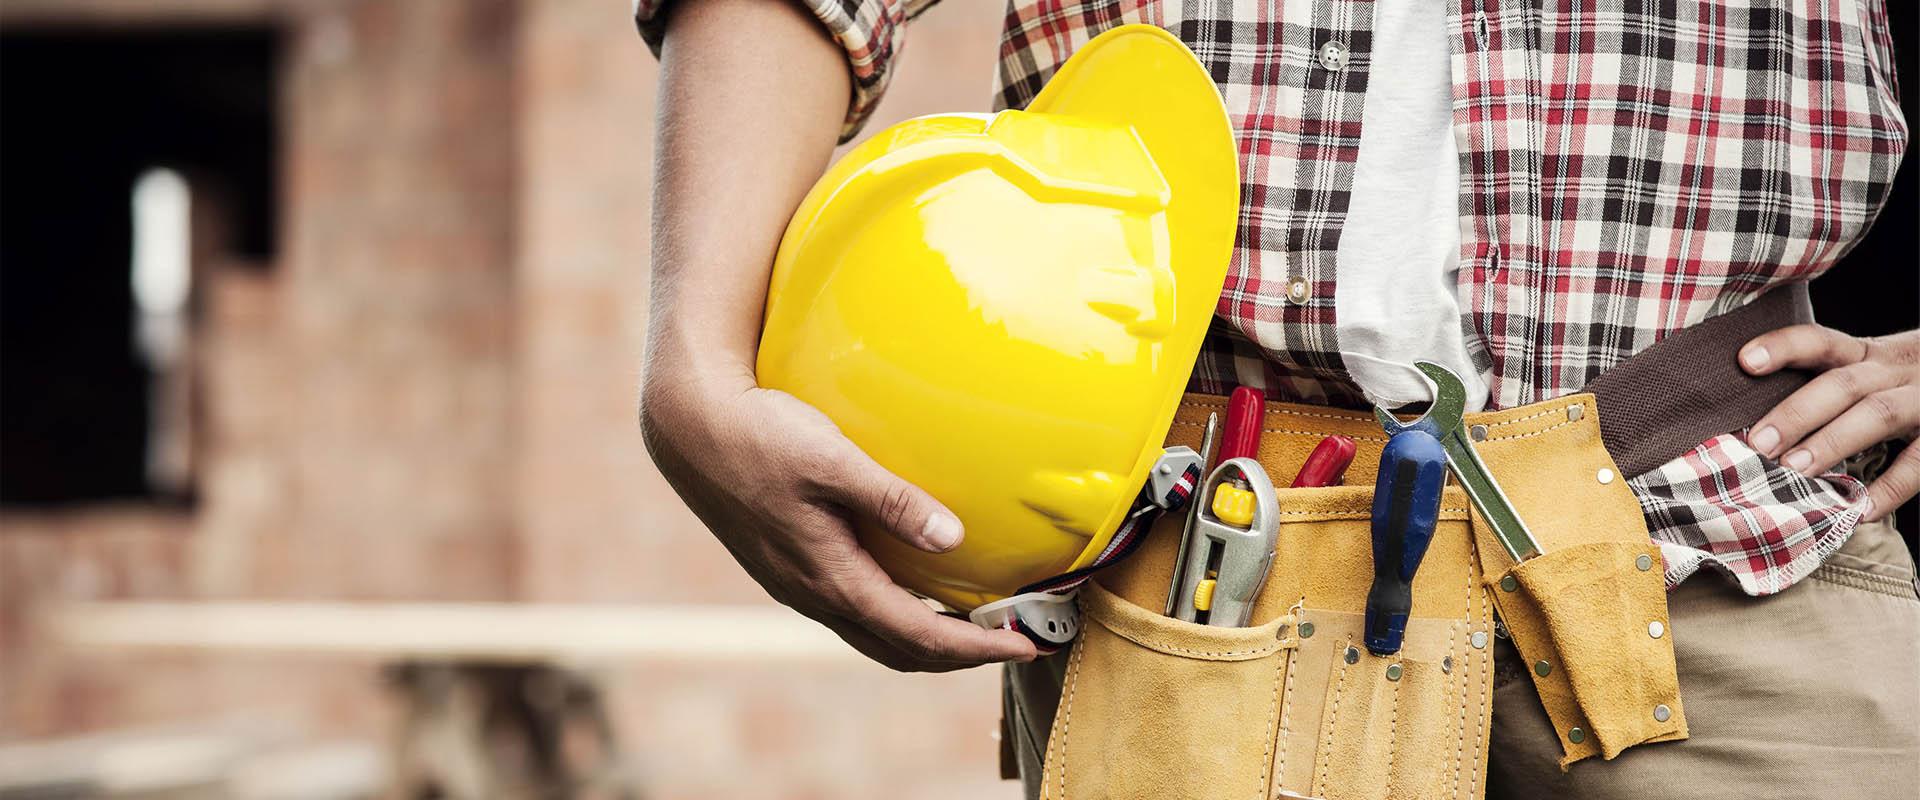 Ремонтно-строительная компания с приятными ценами - stroyhouse.od.ua